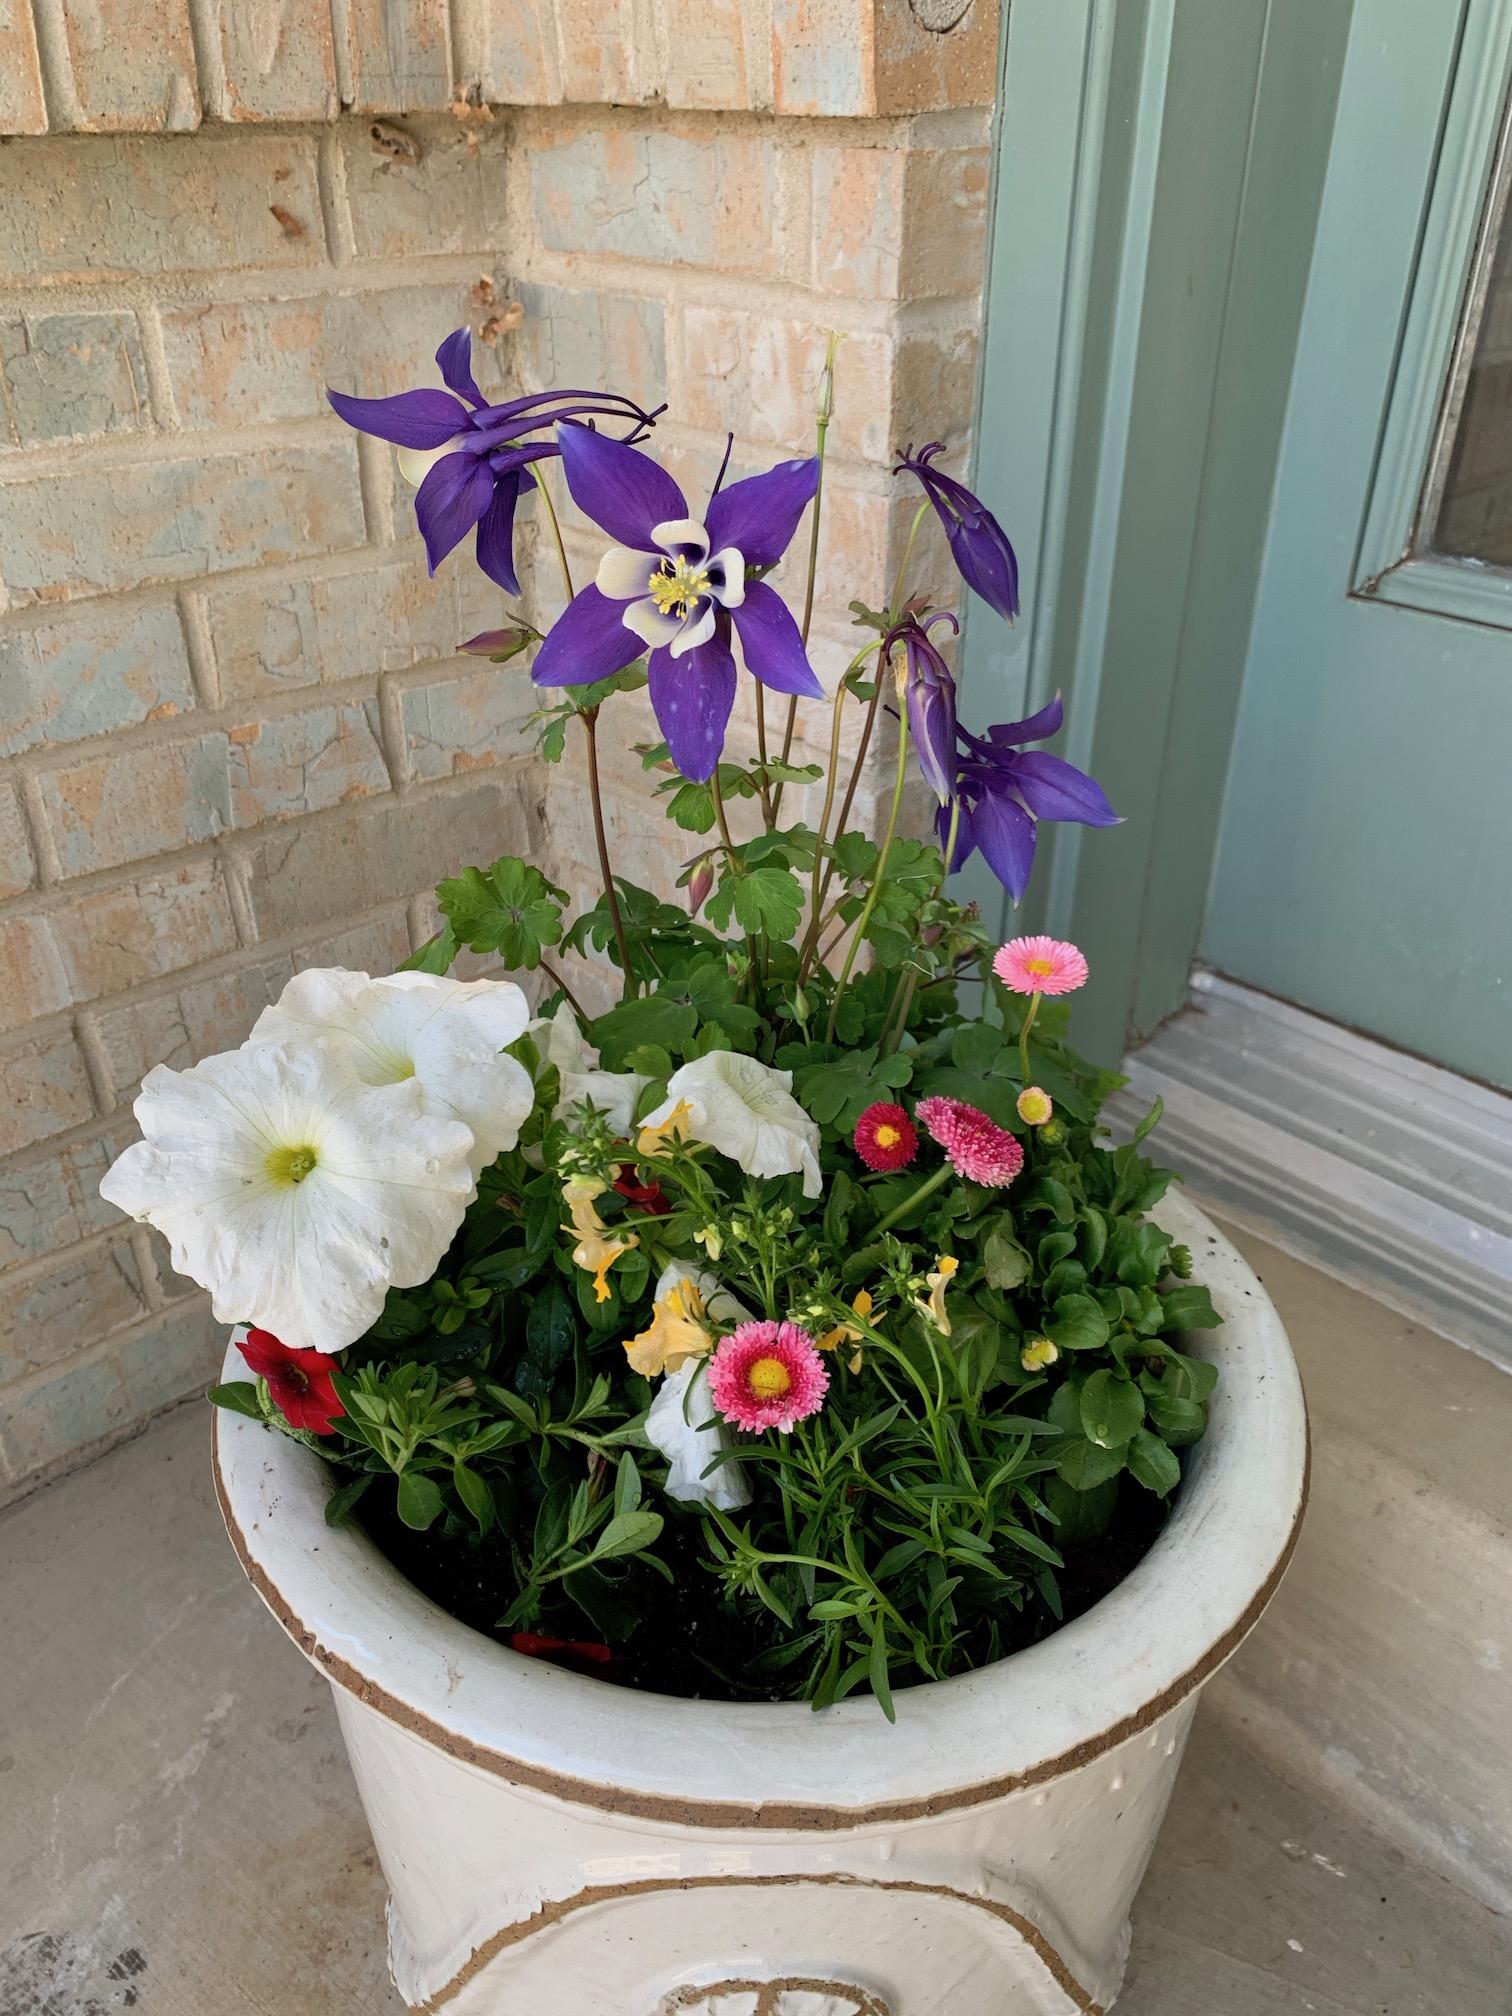 April, in bloom